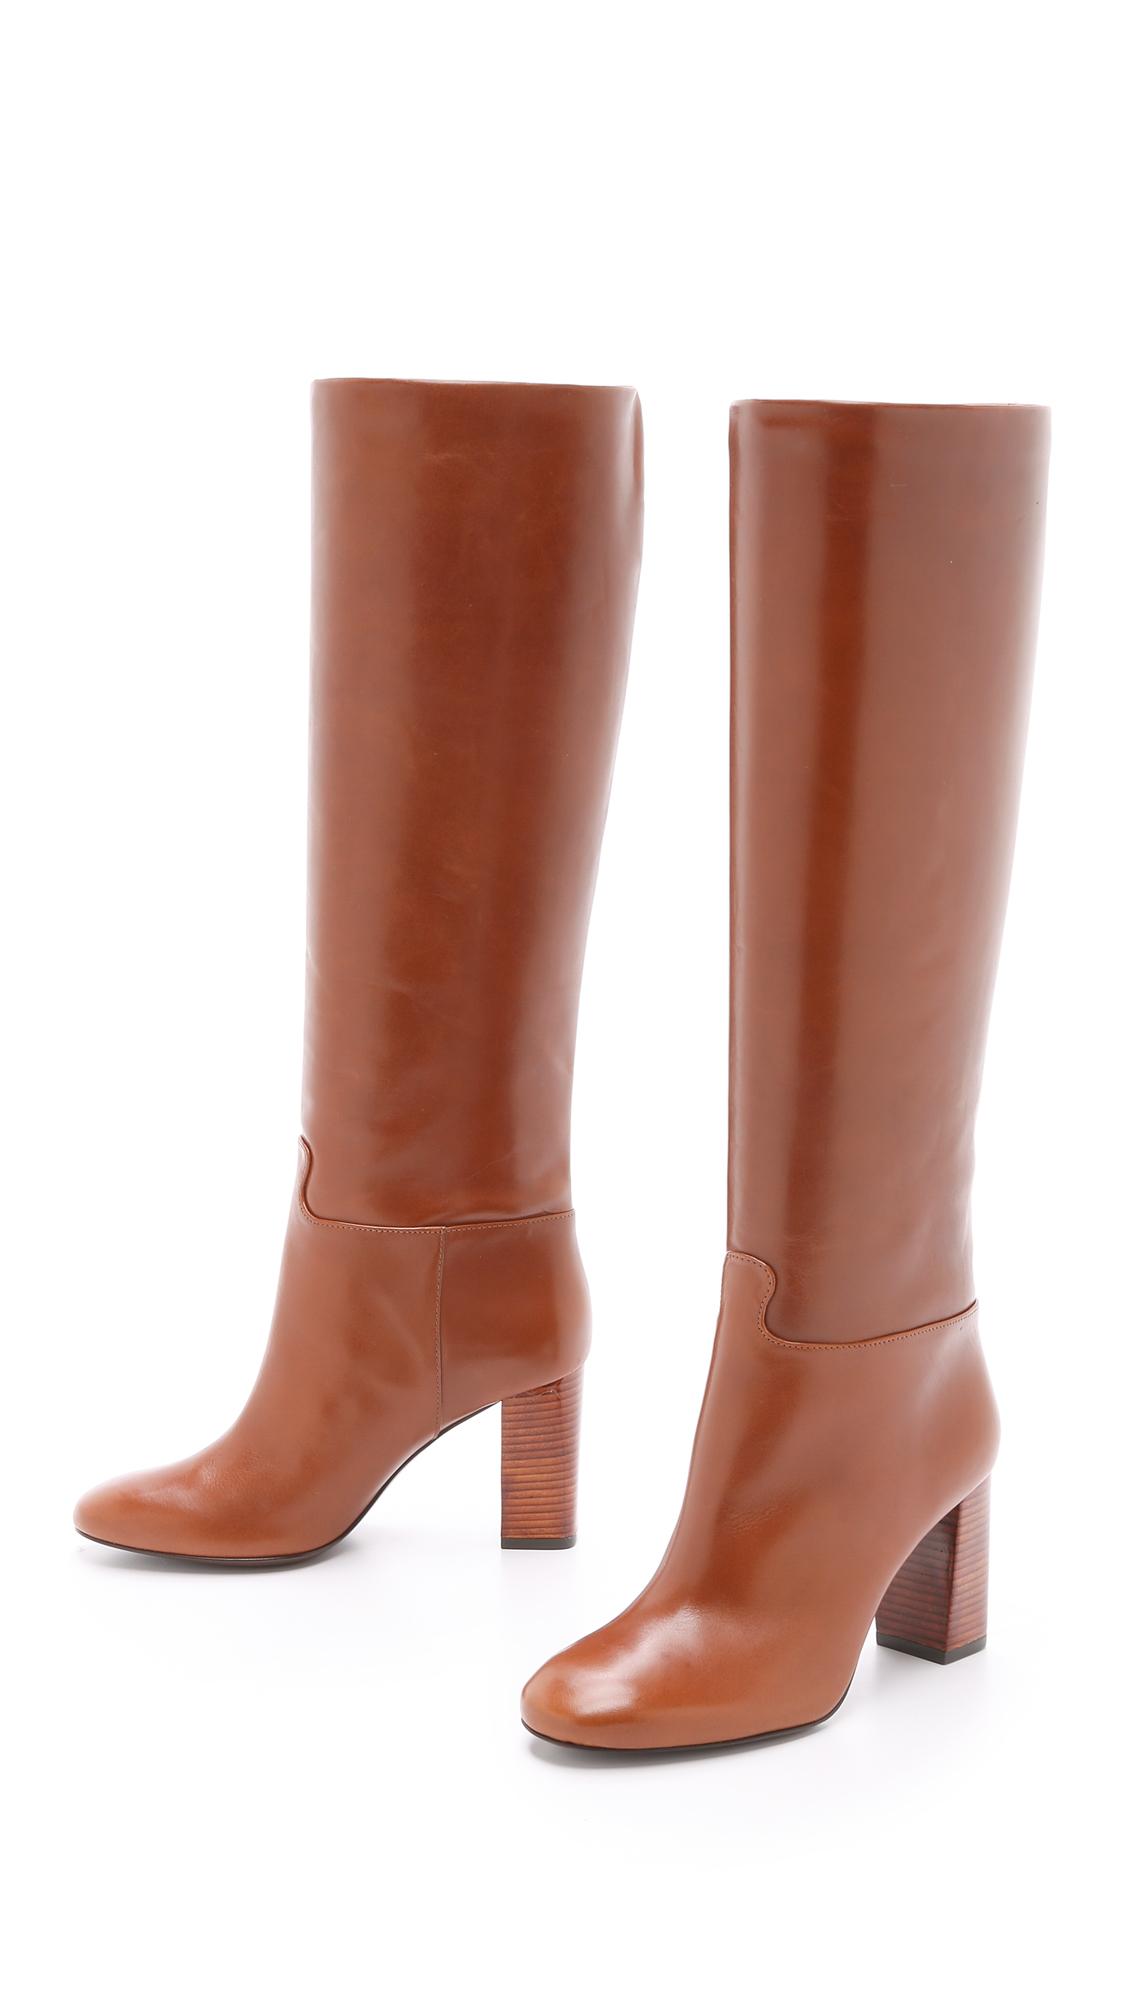 453b138ab Tory Burch Devon Tall Boots